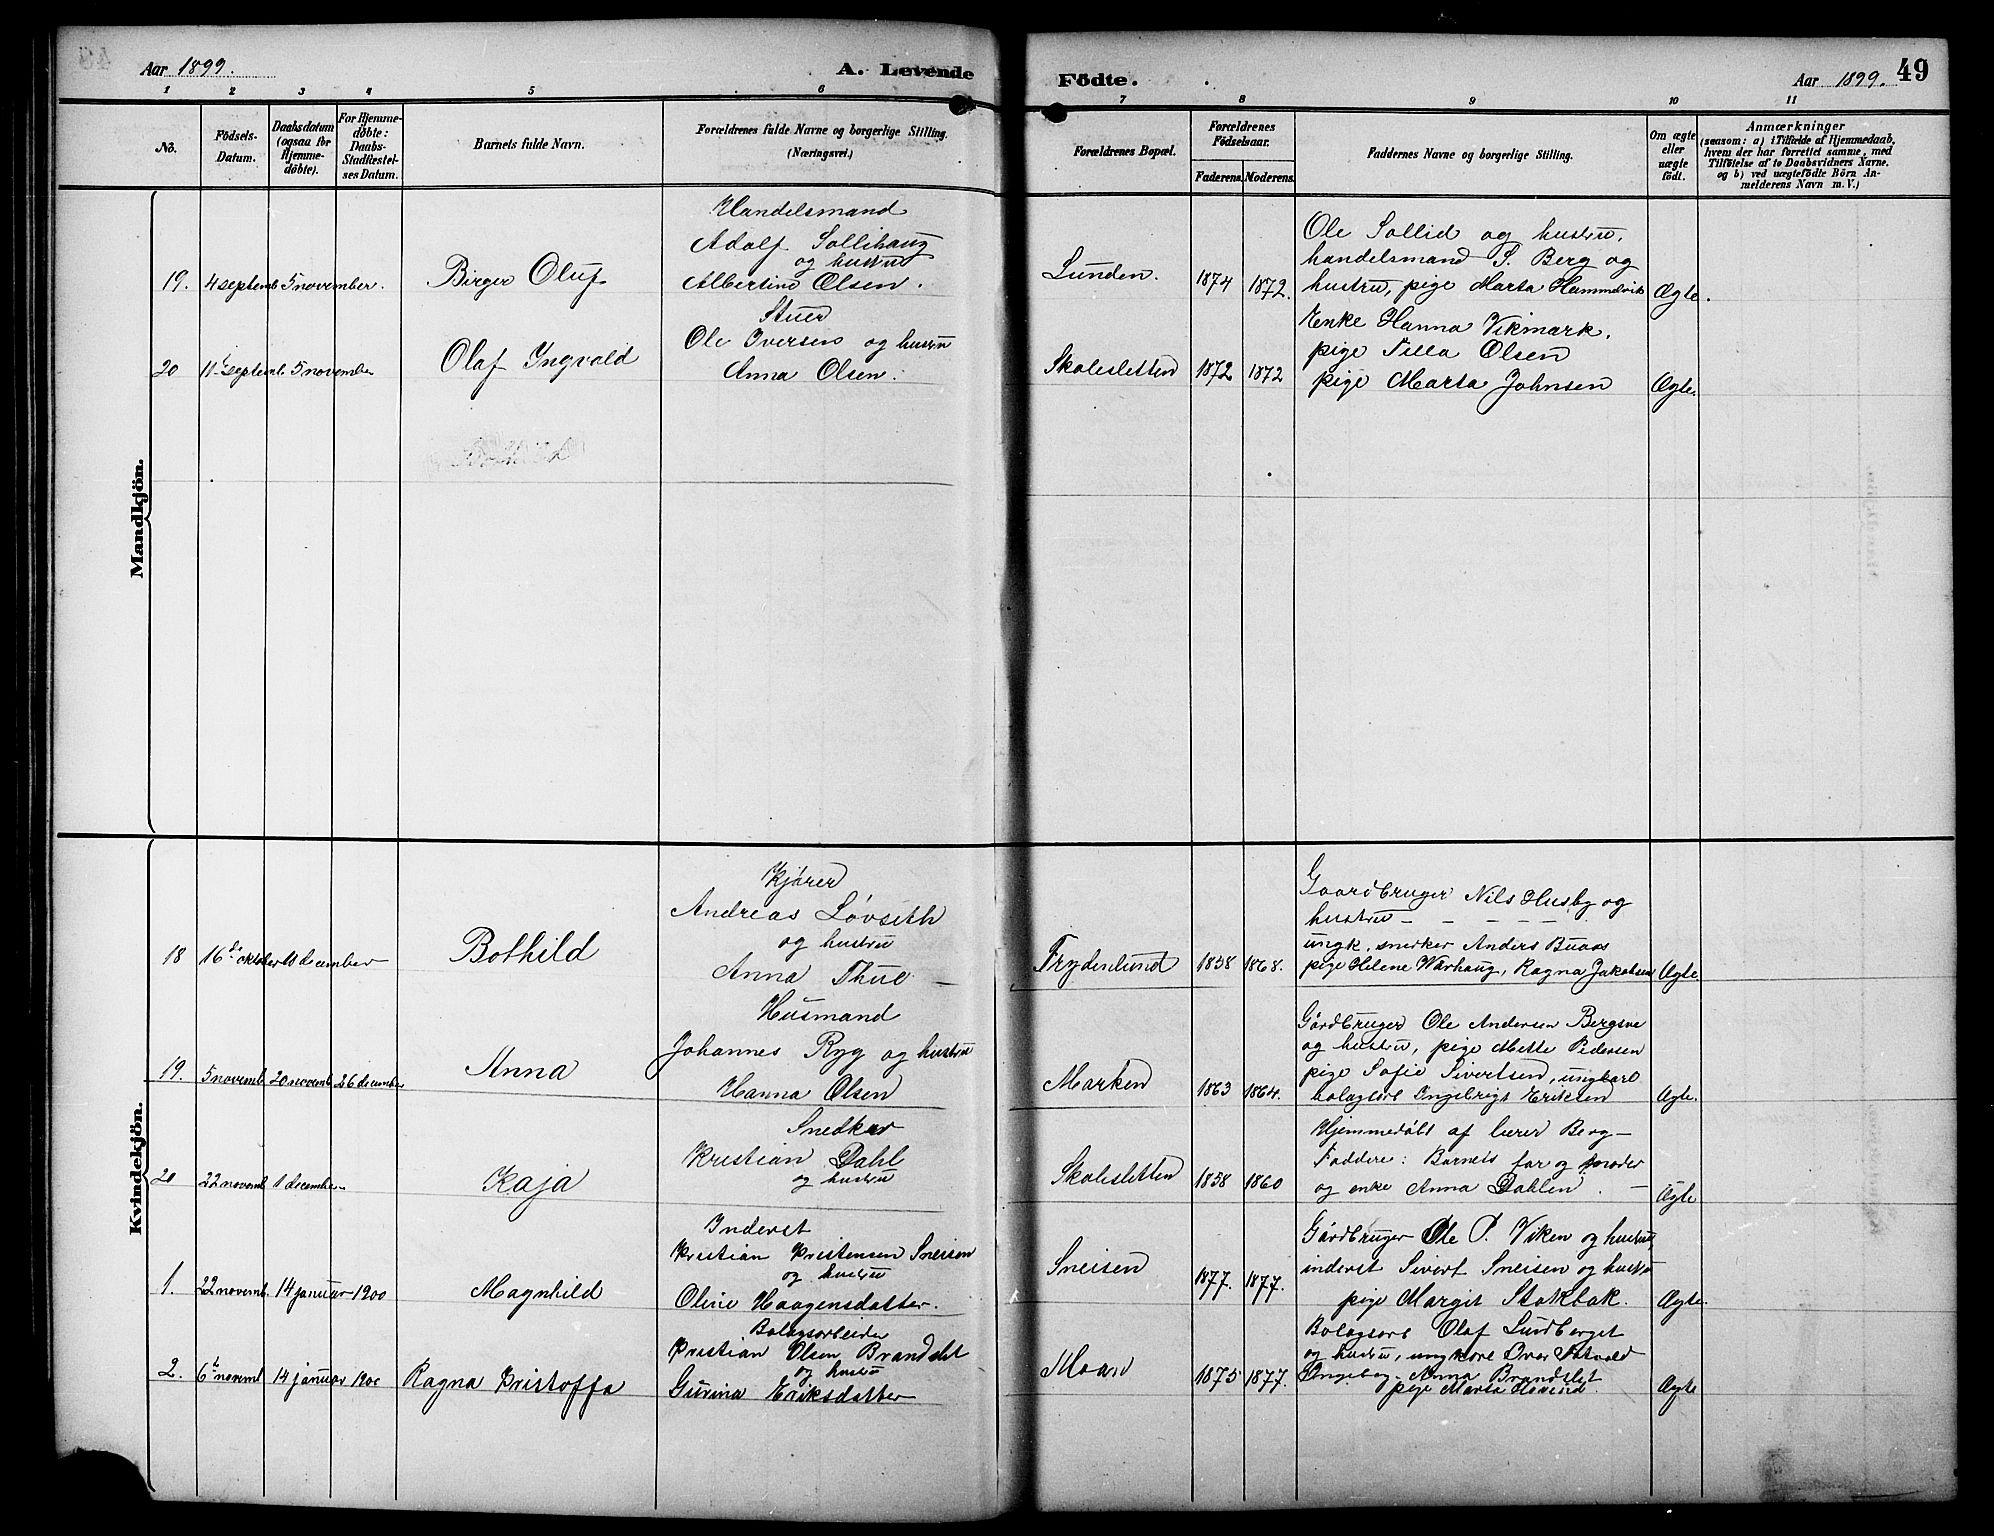 SAT, Ministerialprotokoller, klokkerbøker og fødselsregistre - Sør-Trøndelag, 617/L0431: Klokkerbok nr. 617C01, 1889-1910, s. 49